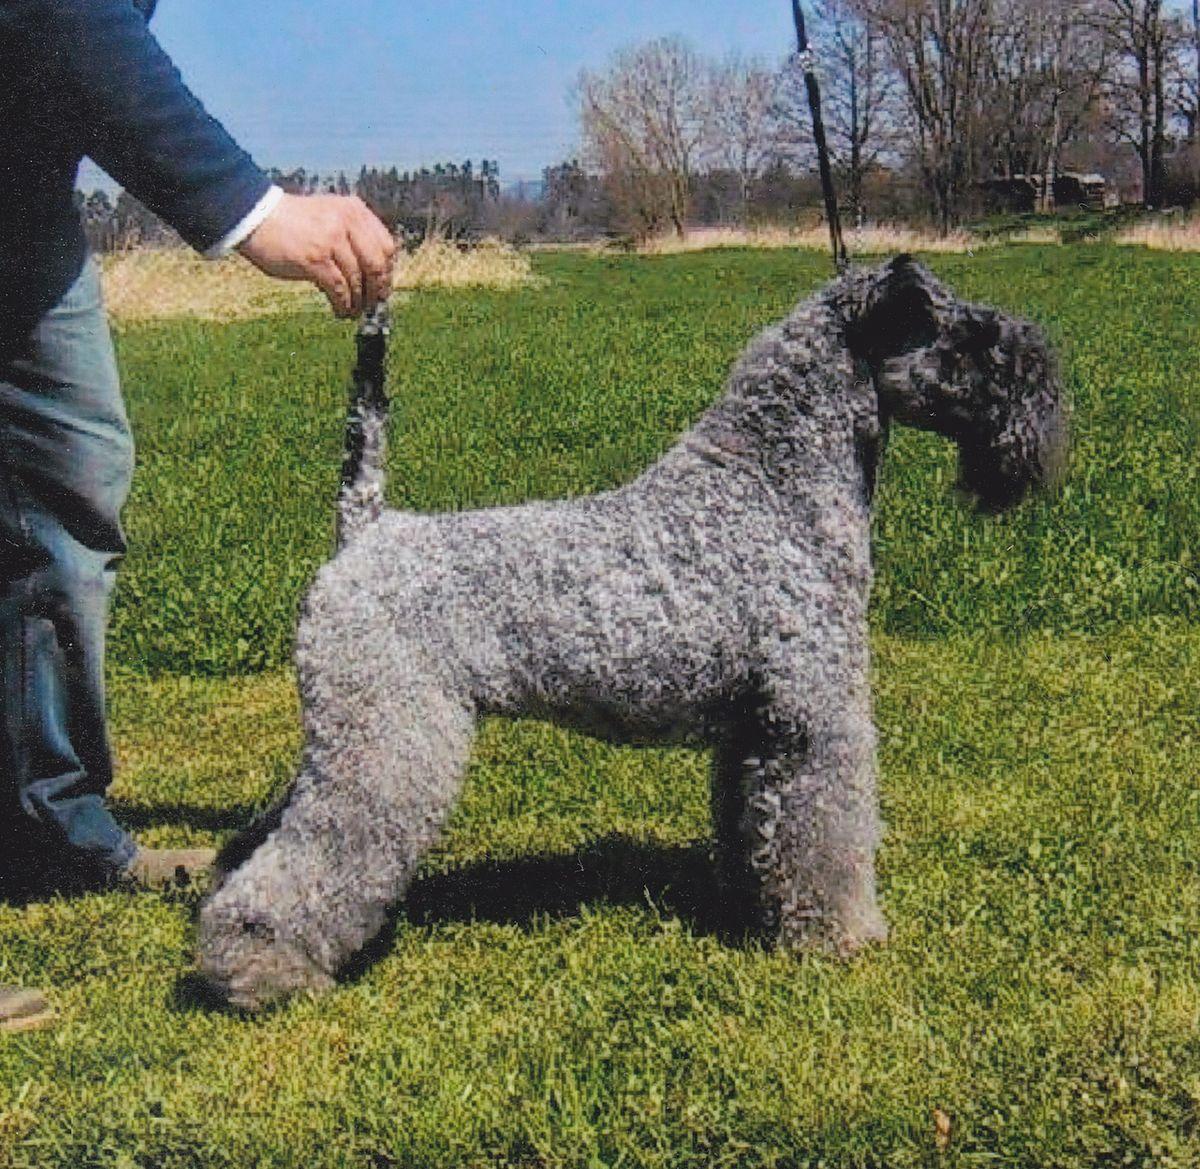 Kerry Blue Terrier Wikipedia La Enciclopedia Libre